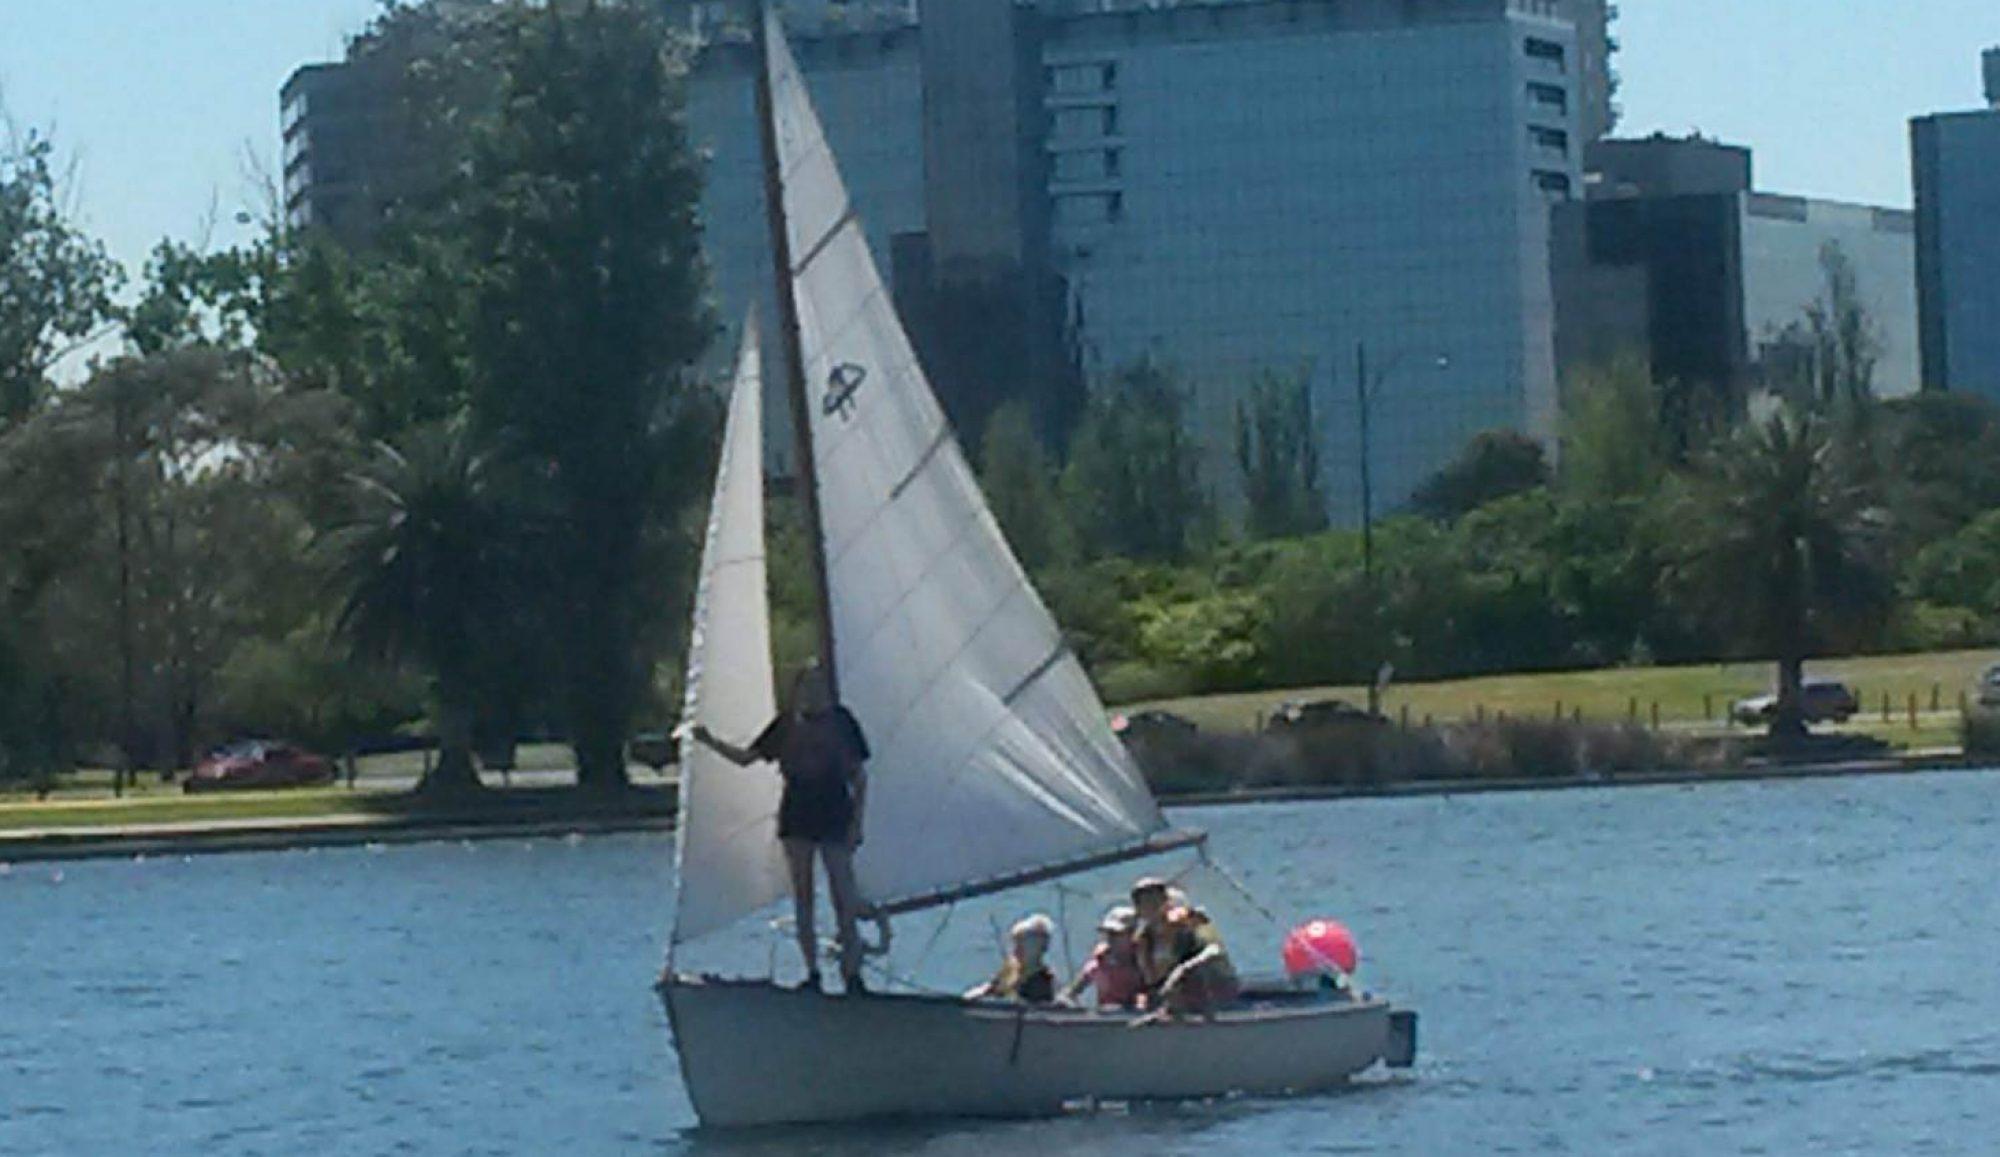 15th Essendon Sea Scouts